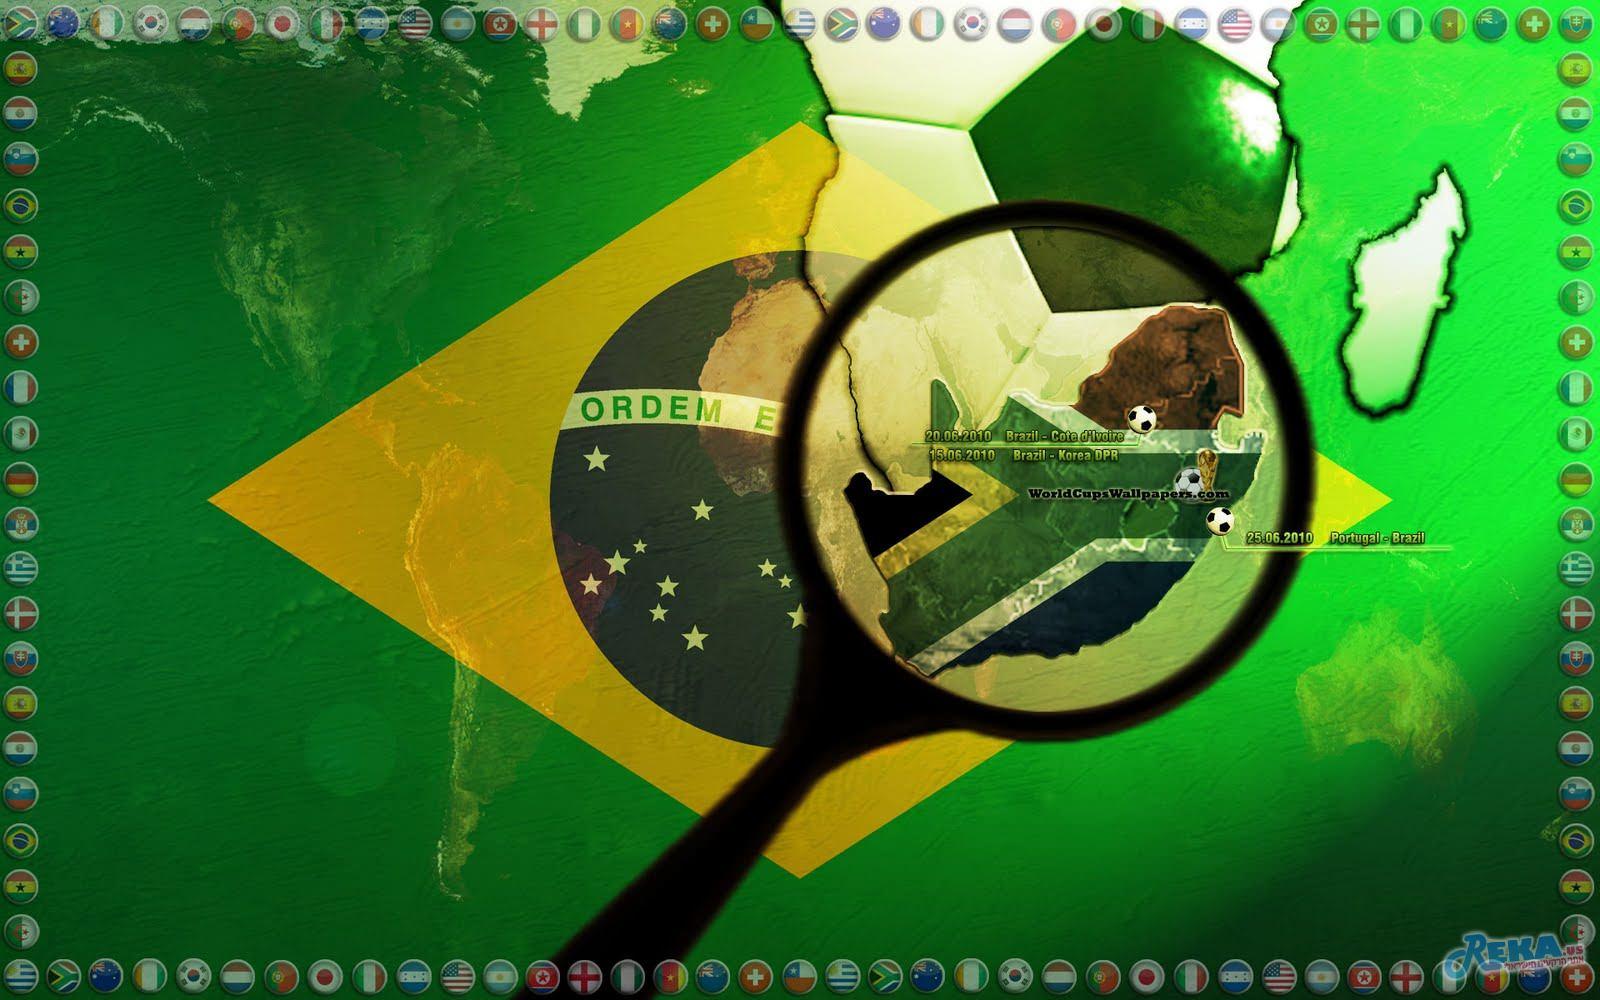 Brazil-World-Cup-2010-Widescreen-Wallpaper